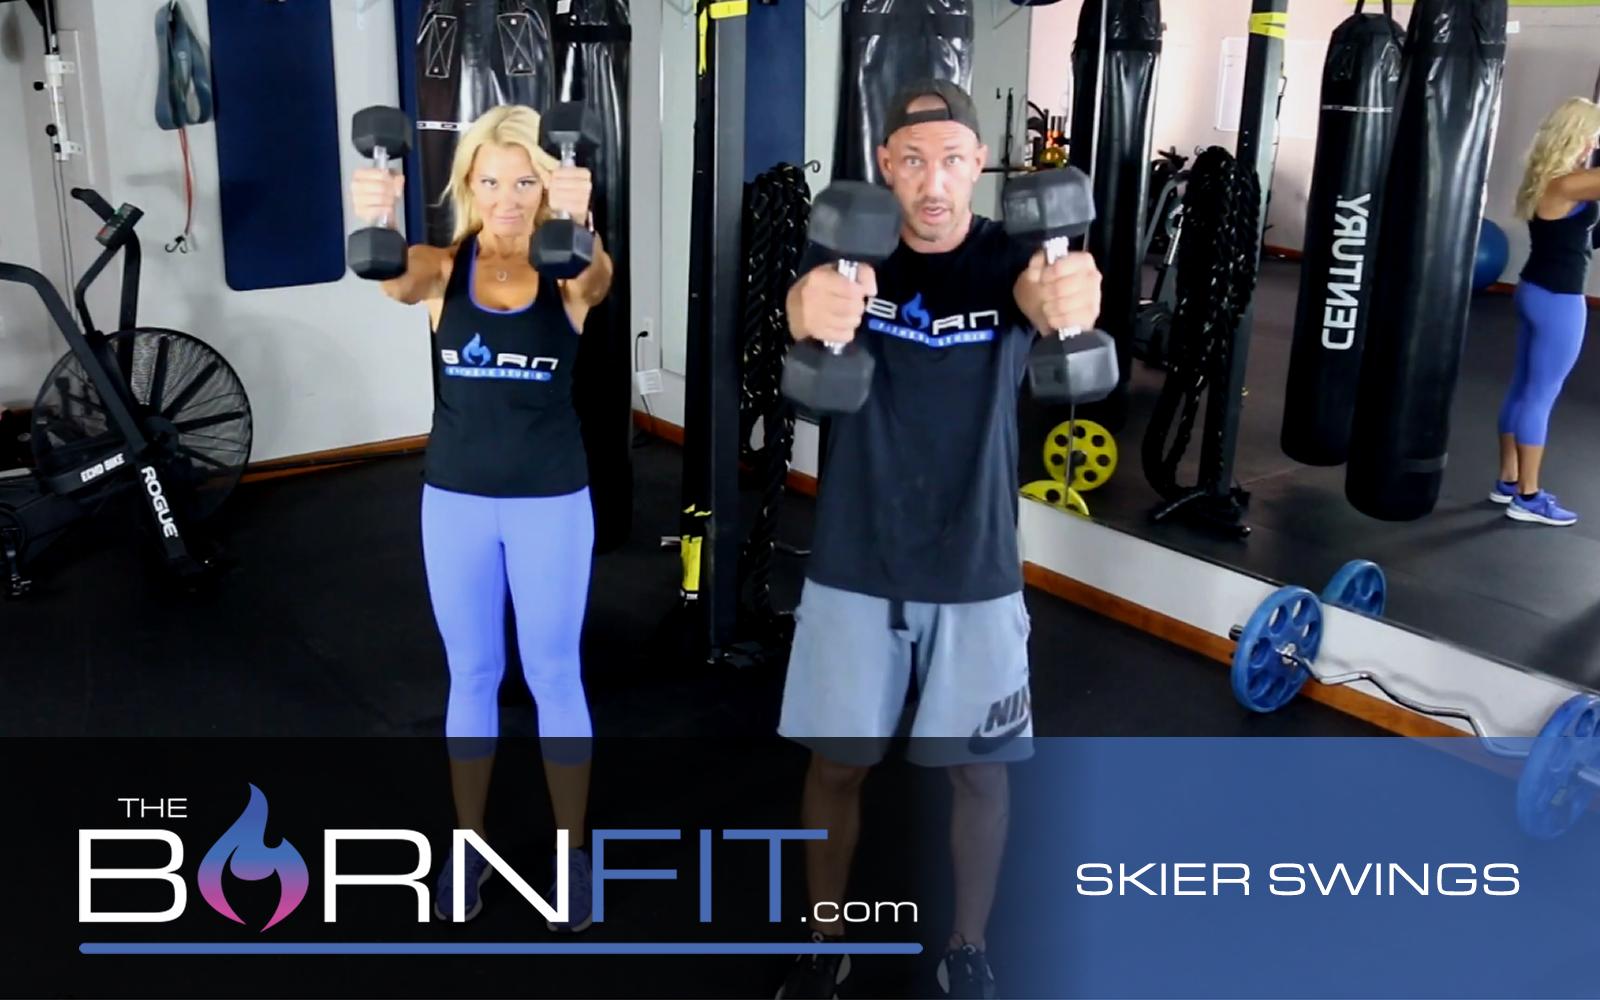 Skier Swings workouts